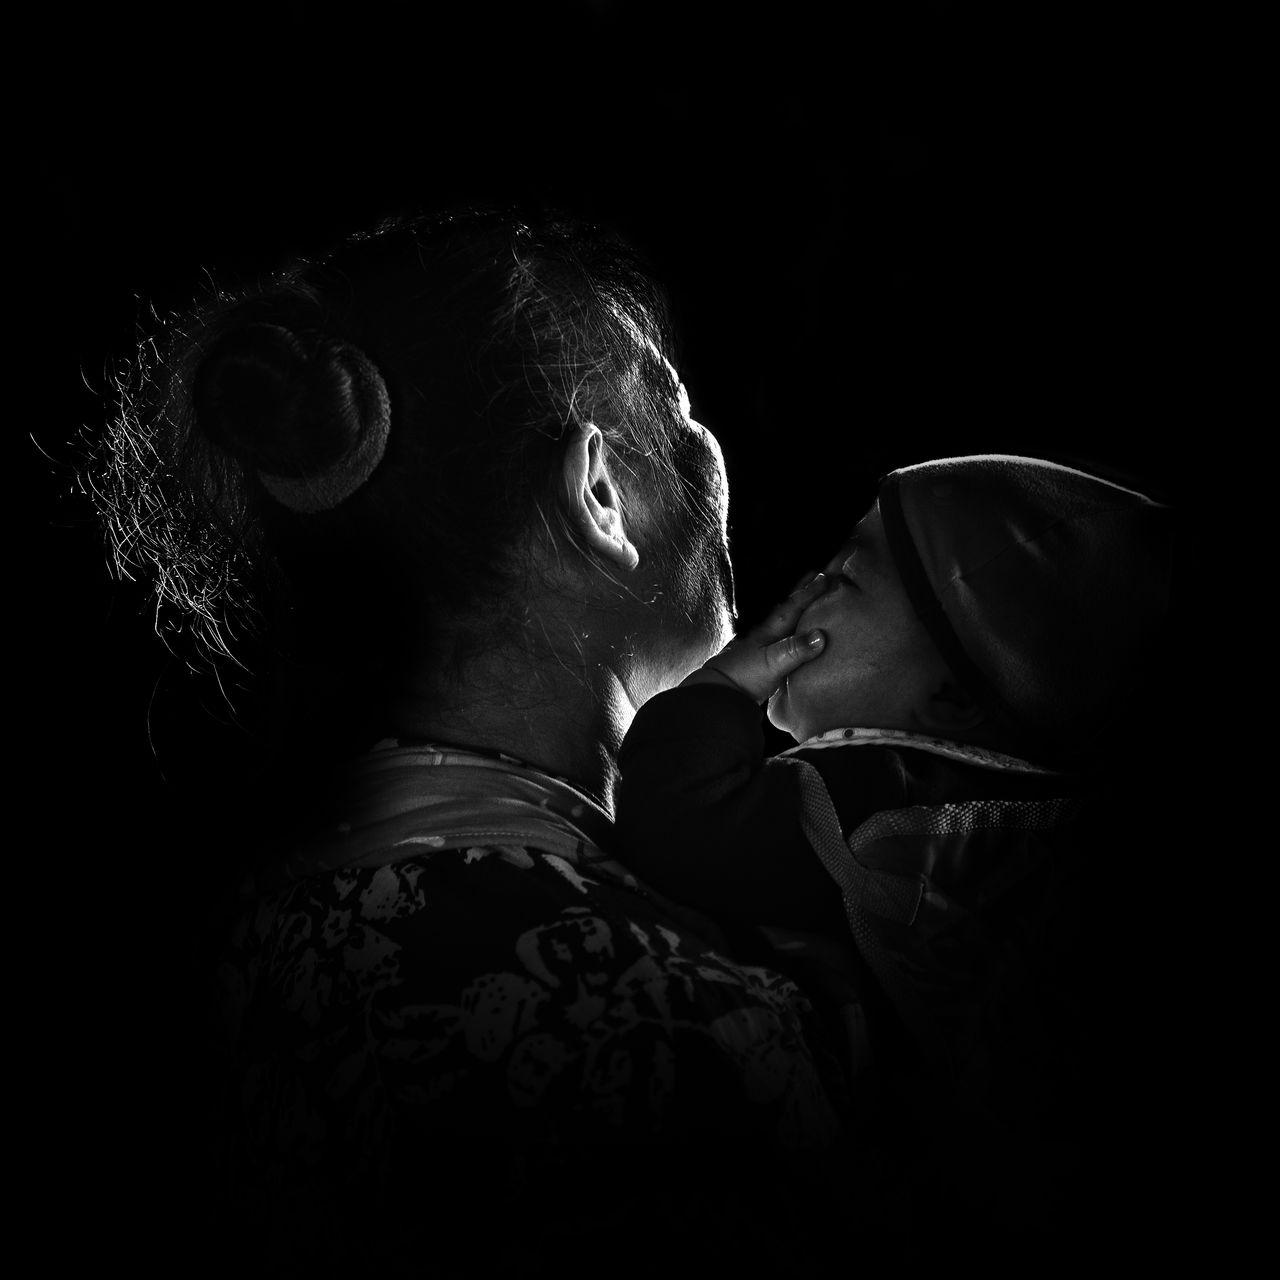 Black Background Close-up EyeEm EyeEm Gallery Indoors  Lifestyles Men Night People Real People The Portraitist - 2017 EyeEm Awards Women